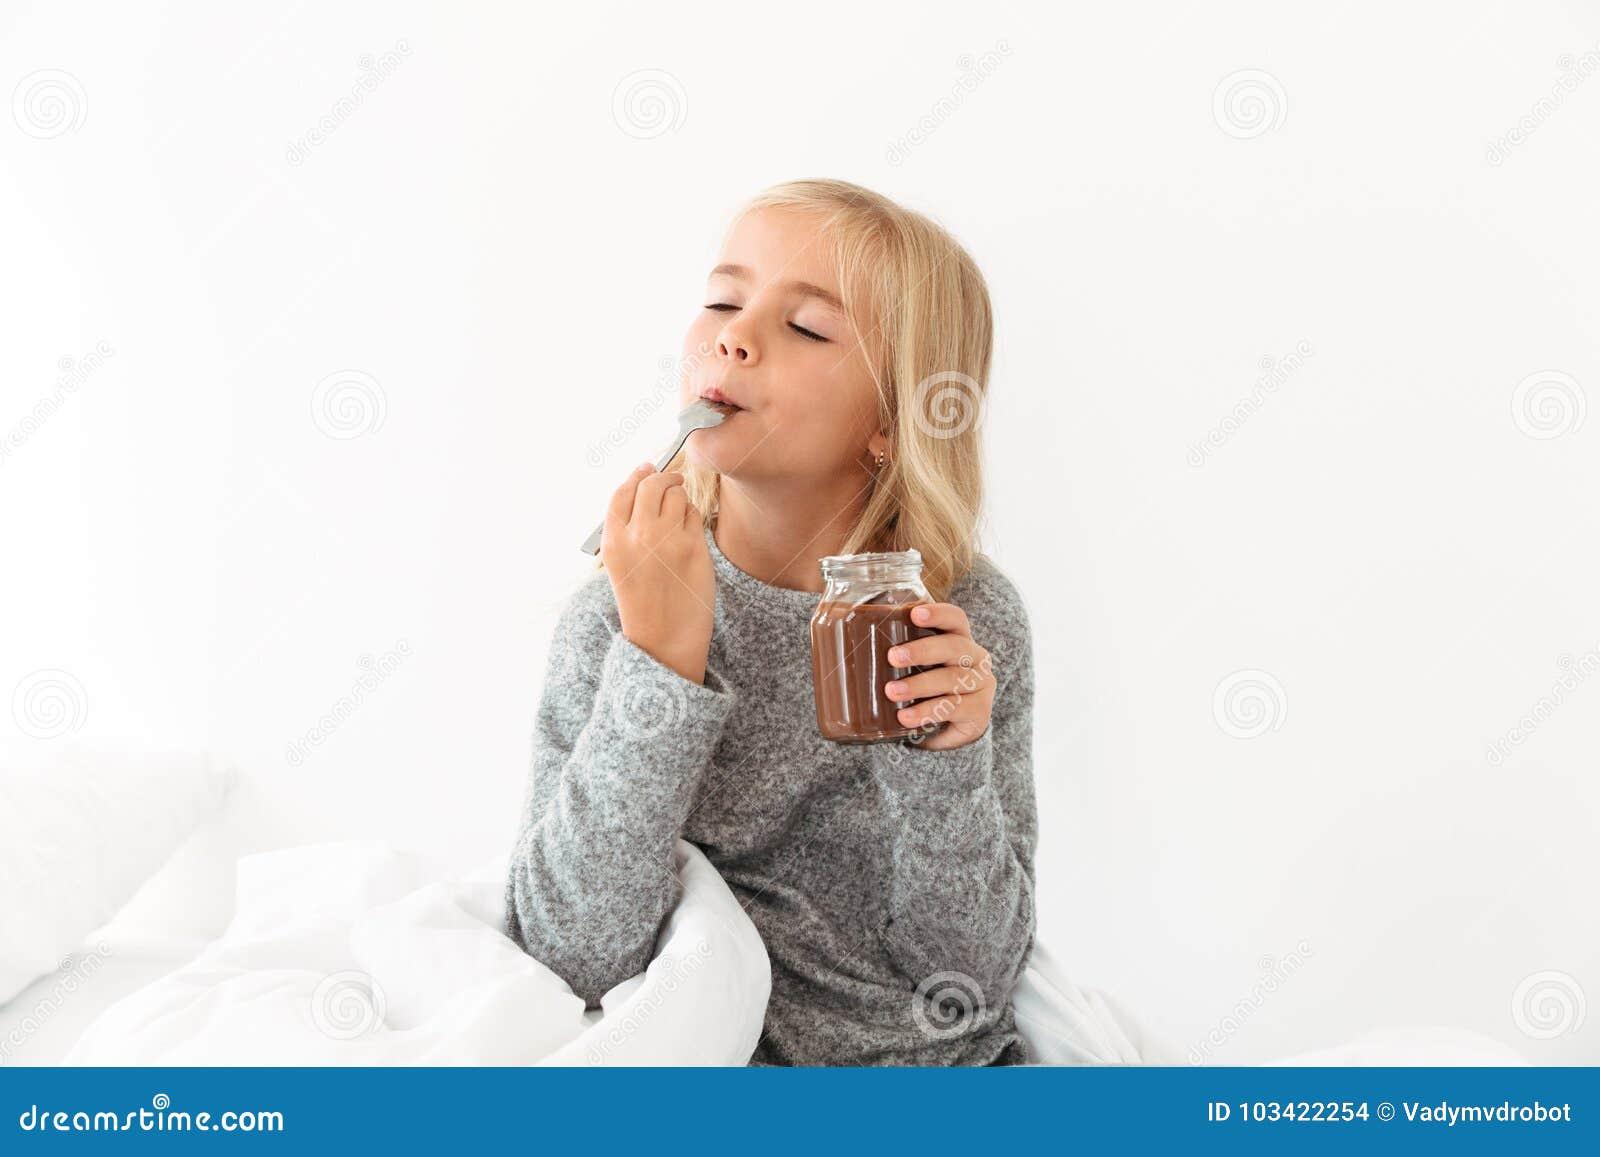 La nocciola joying del cioccolato della ragazza bionda sveglia si è sparsa con ey chiuso